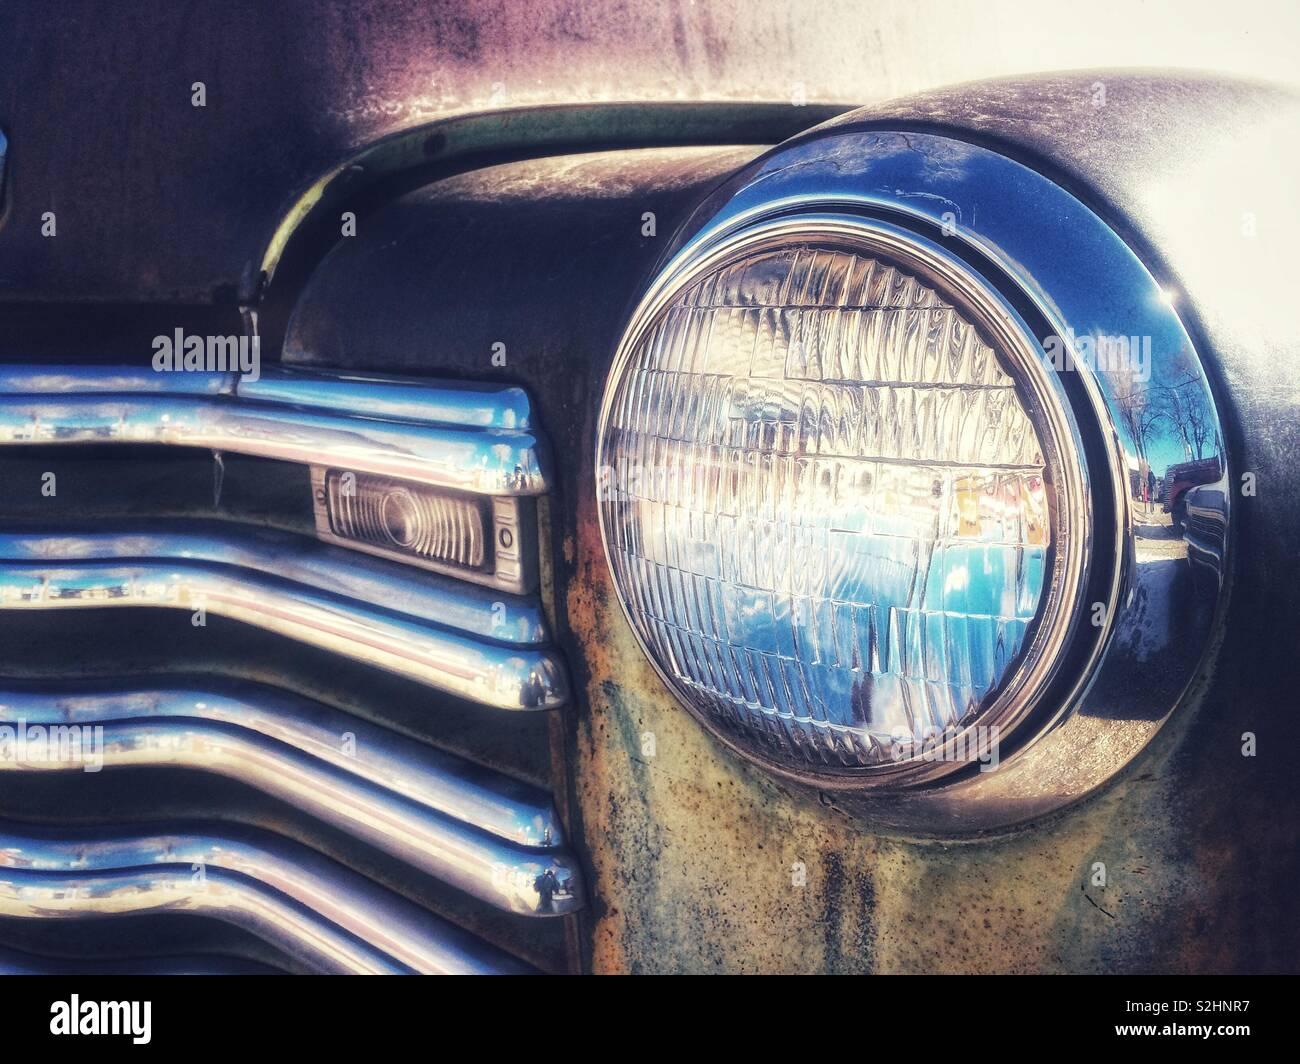 Une touche de bleu ciel réflexion sur cette vieille voiture. Banque D'Images